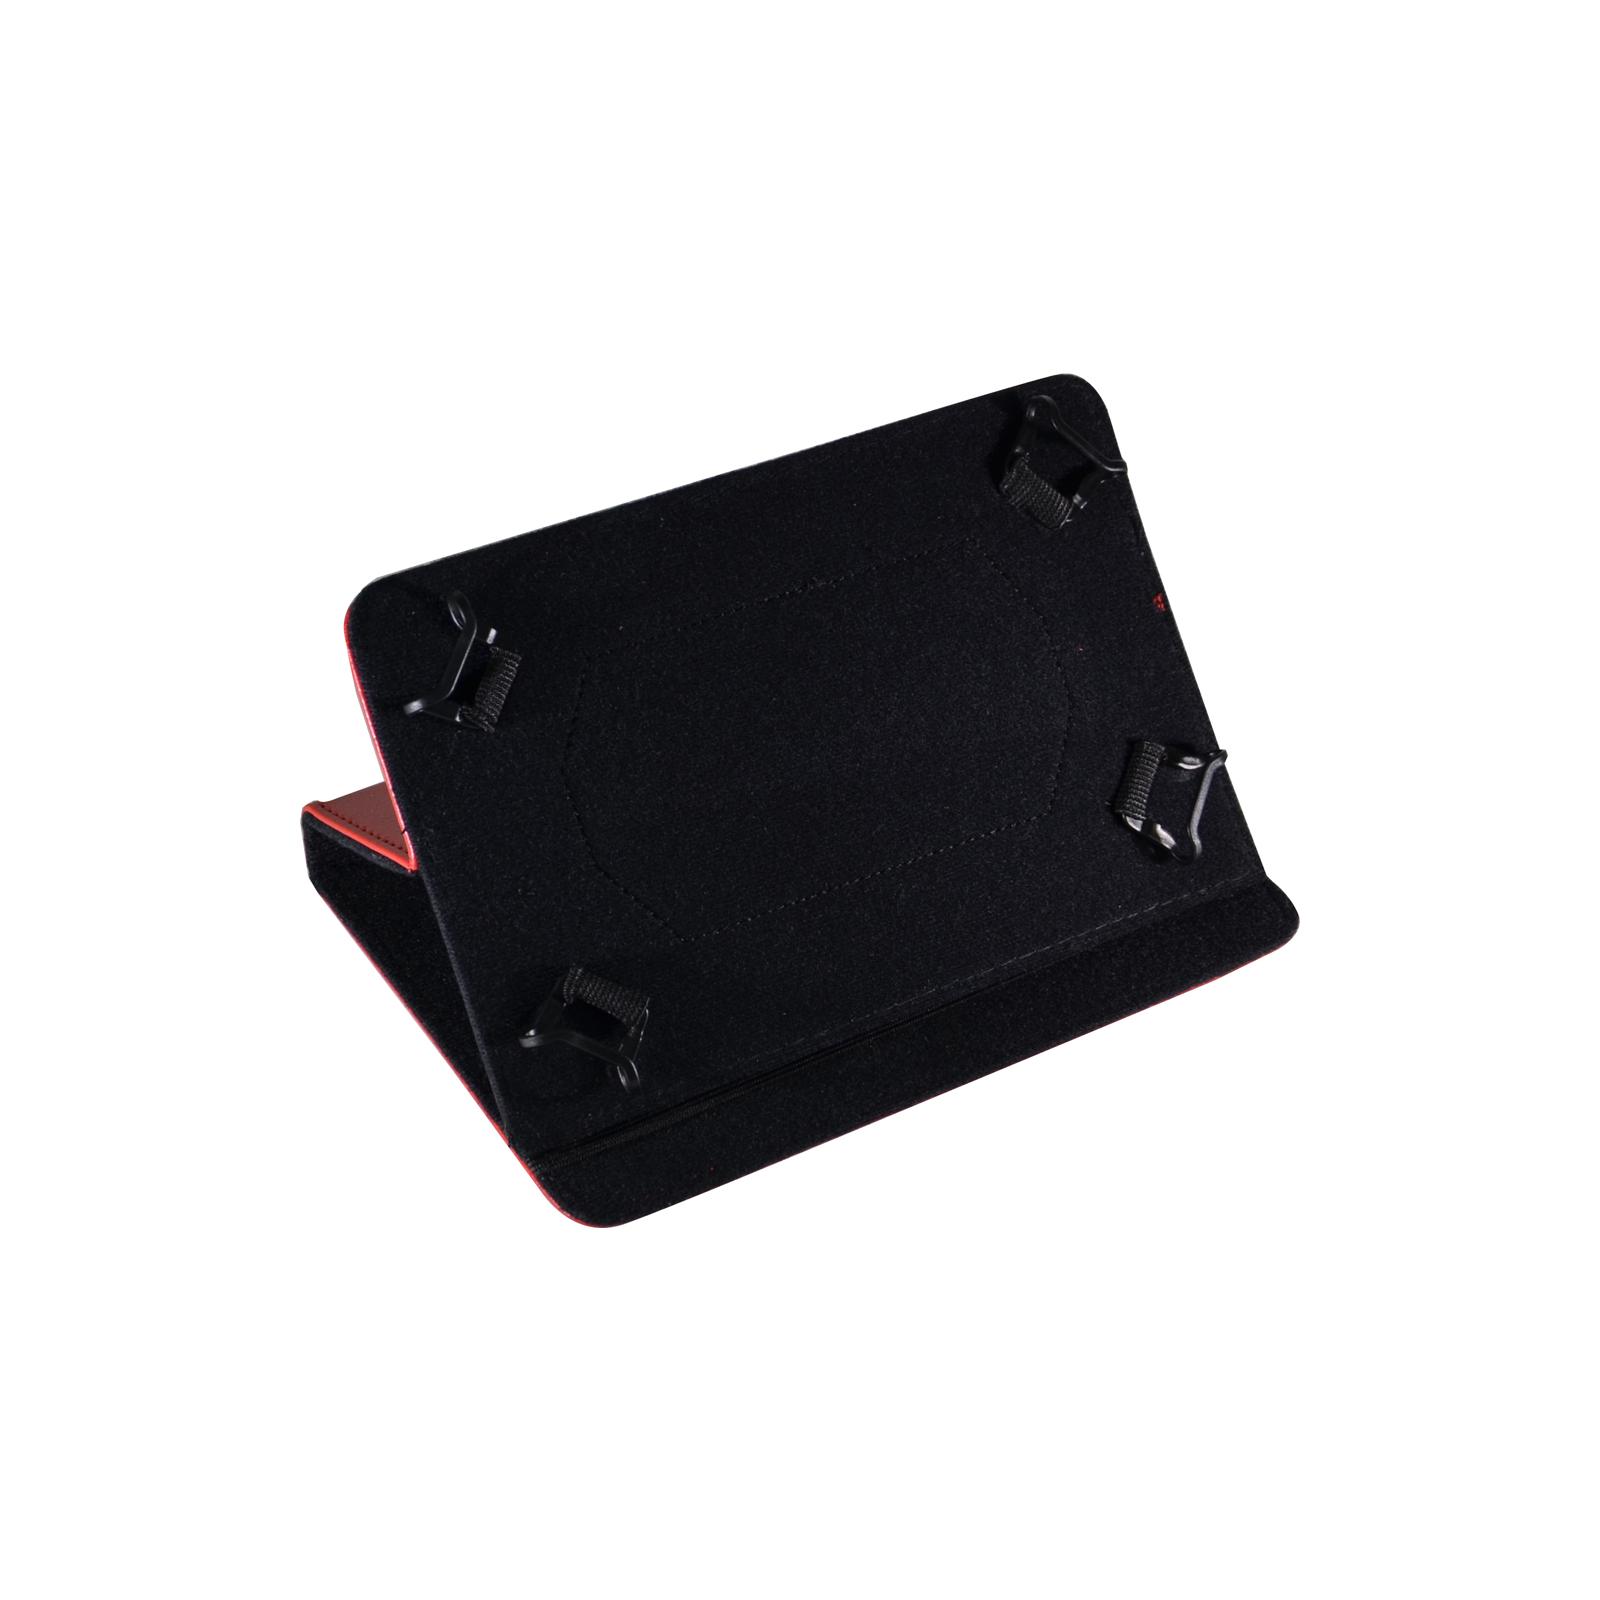 """Чехол для планшета Pro-case 7"""" универсальный case fits up red (UNS-011 r) изображение 3"""